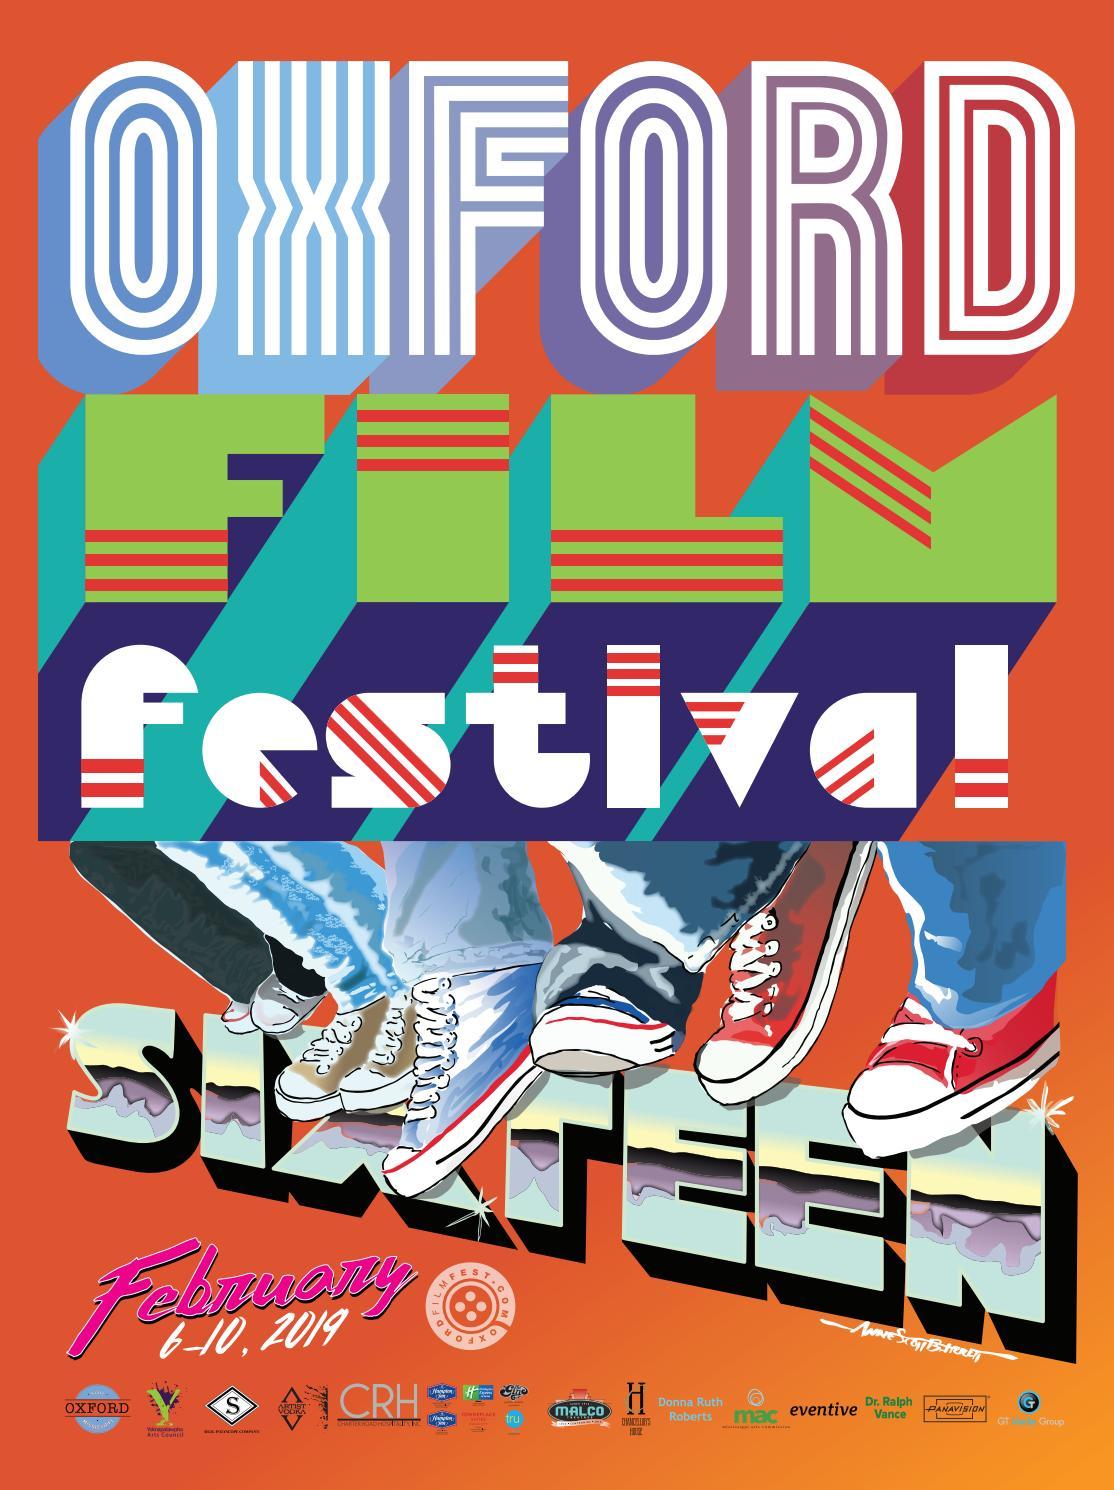 d9800c8bda0 16th Annual Oxford Film Fest Program by Oxford Film Festival - issuu